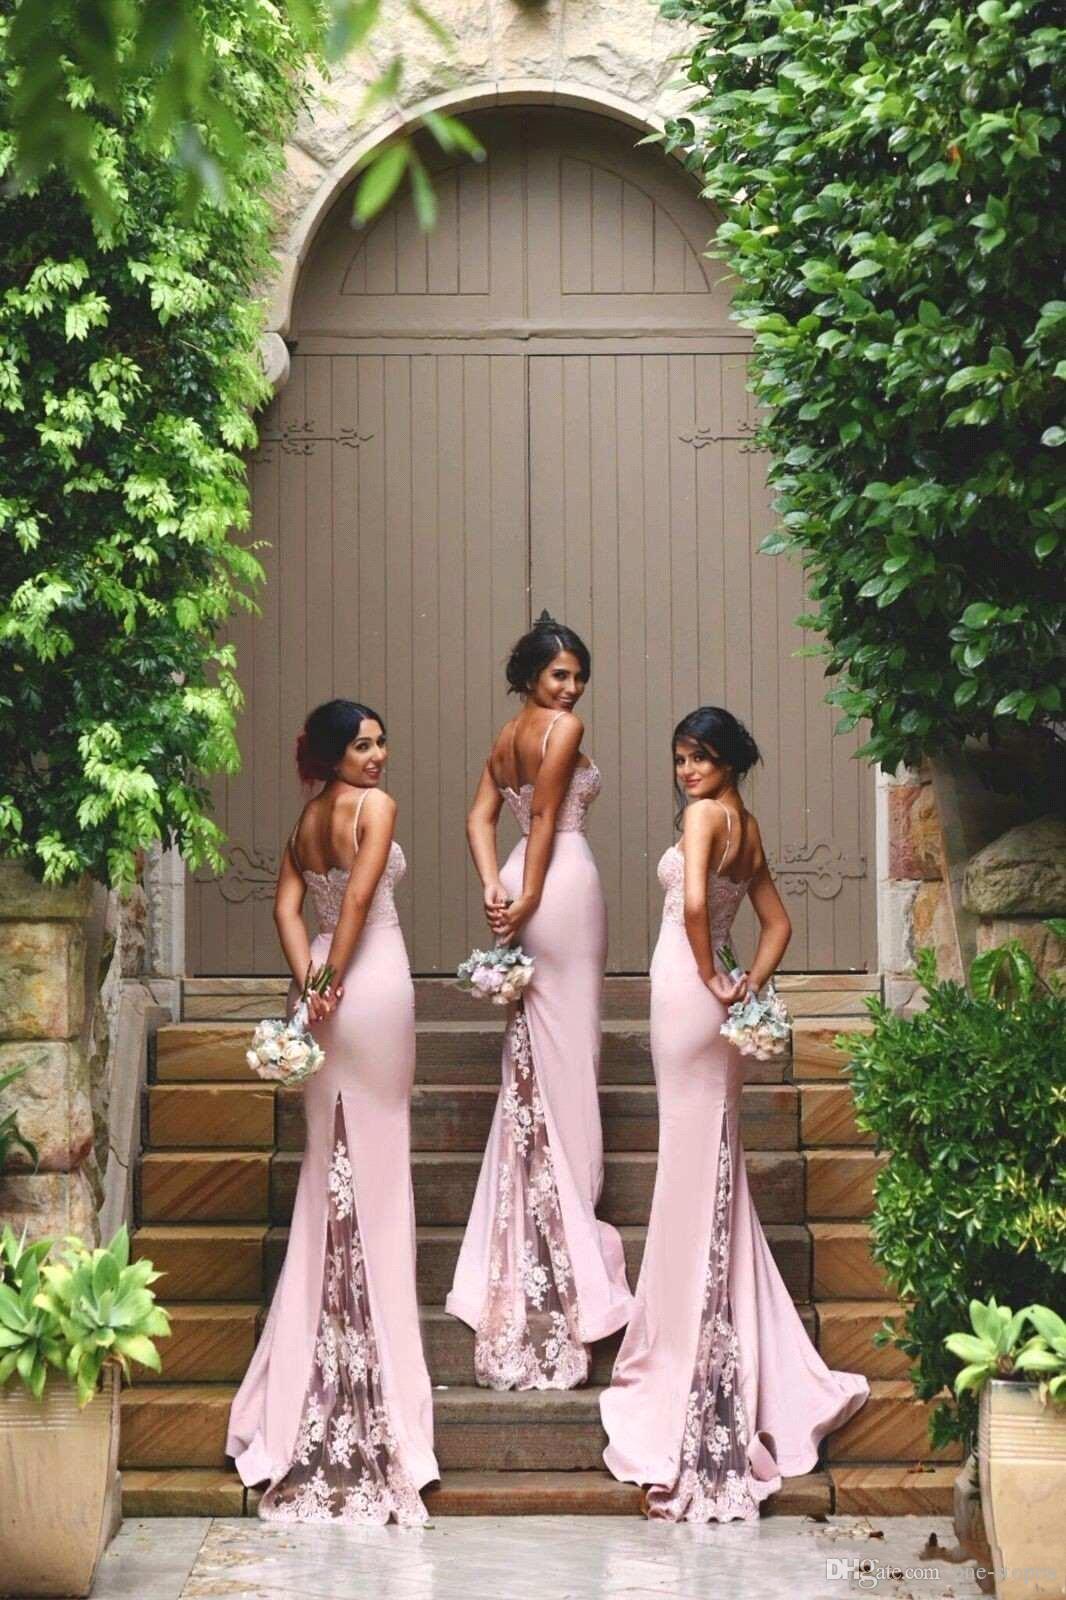 Seksi Spagetti Sapanlar Dantel Mermaid Gelinlik Modelleri Sevgiliye Dantel Aplike Kat Uzunluk Düğün Konuk Elbiseleri